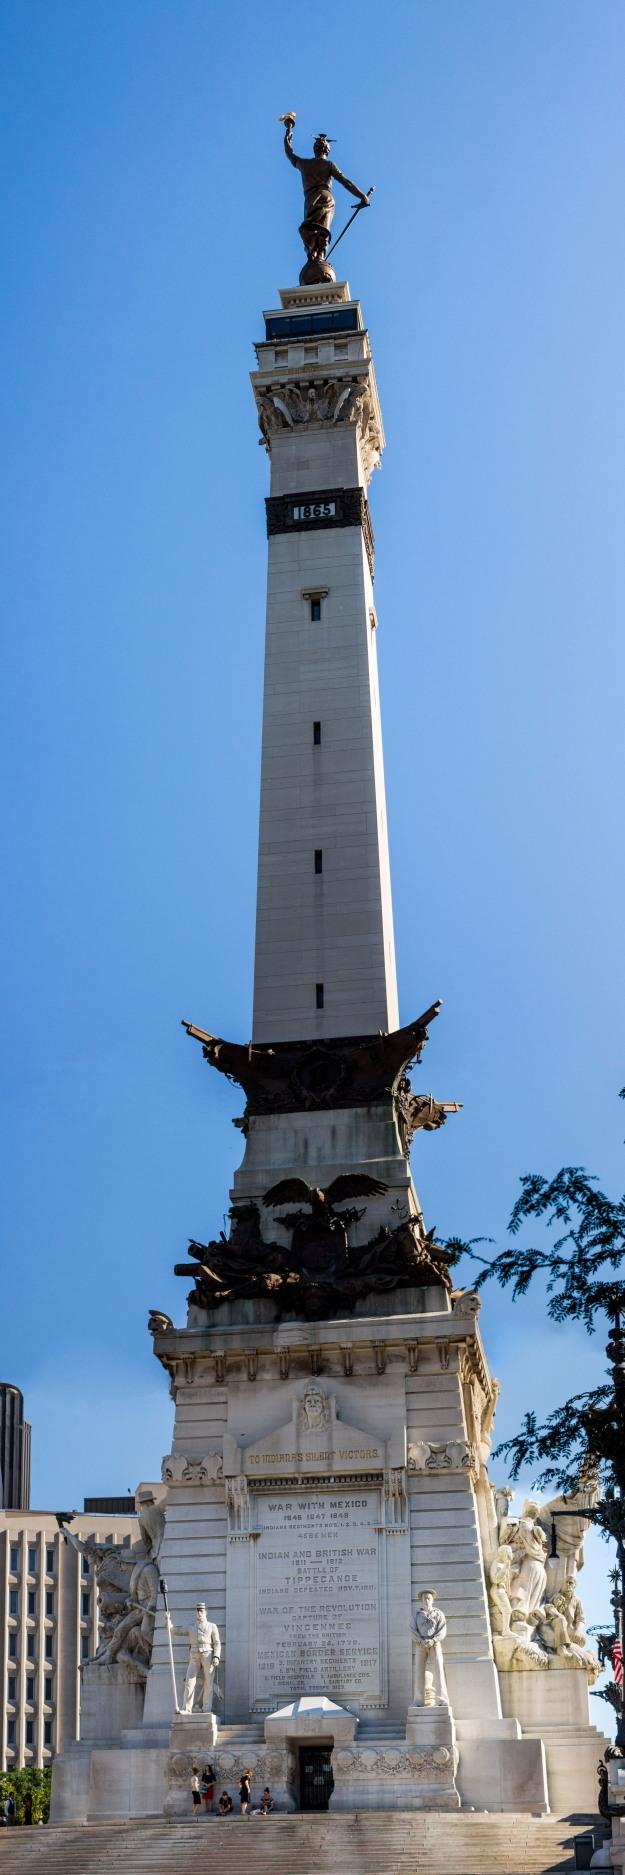 Indy War Memorial